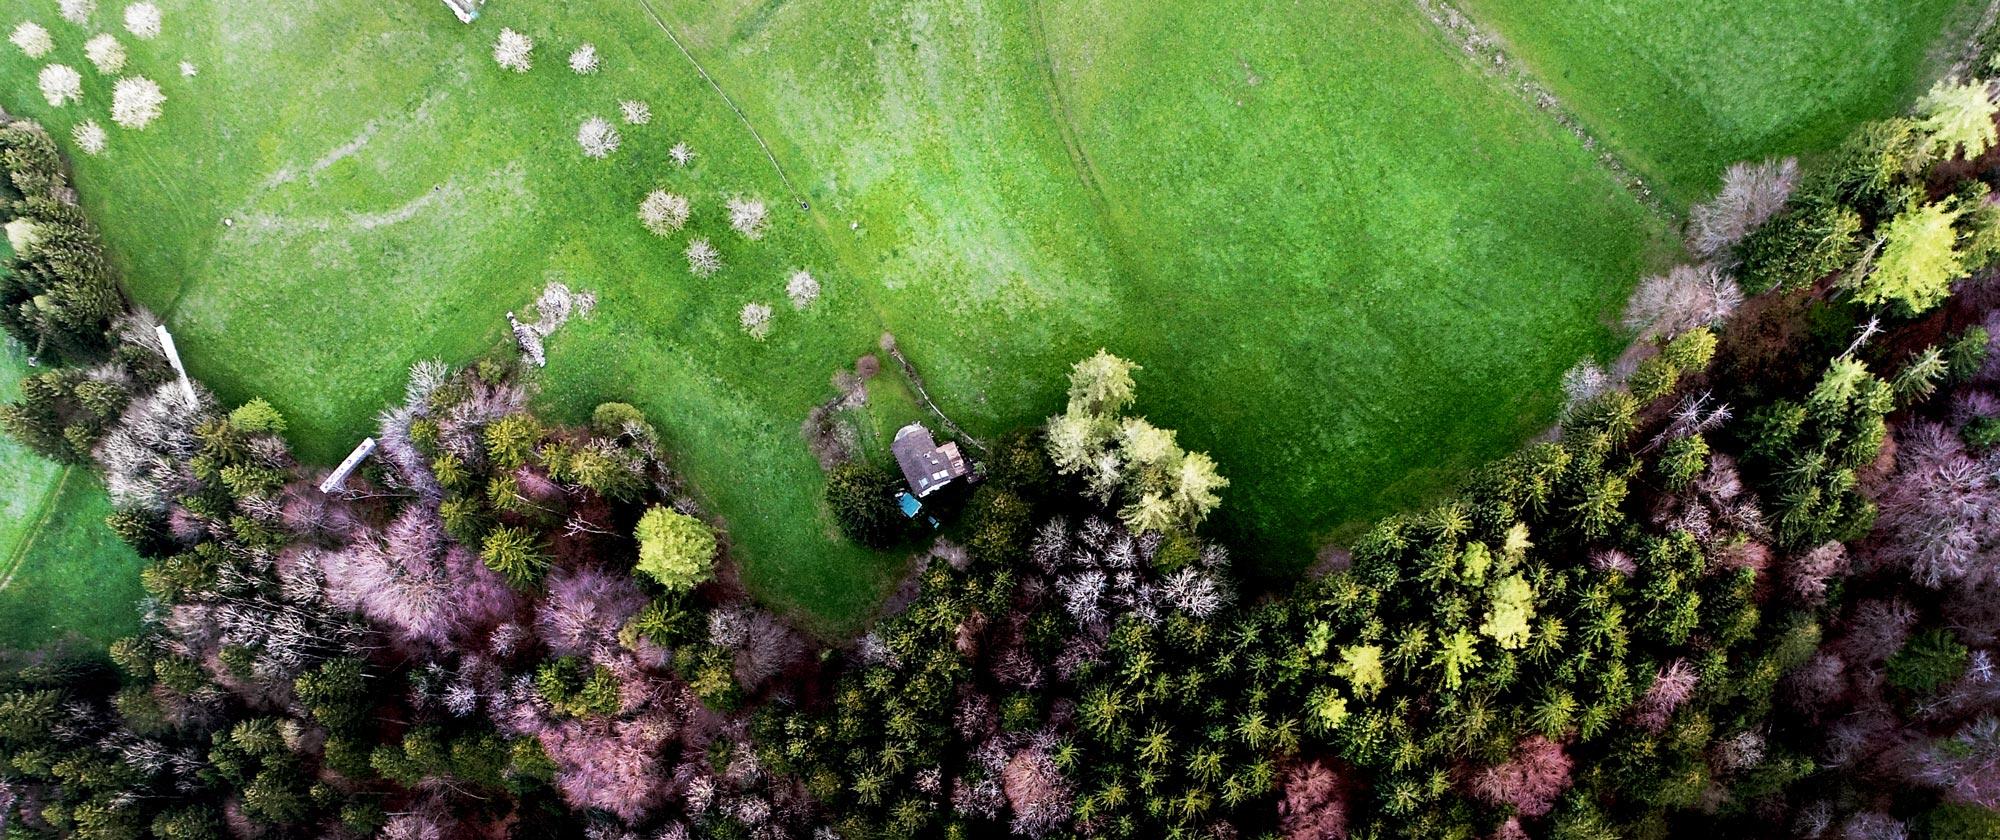 Speicher Wald, Luftaufnahme, Drohnen-Aufnahmen Ostschweiz